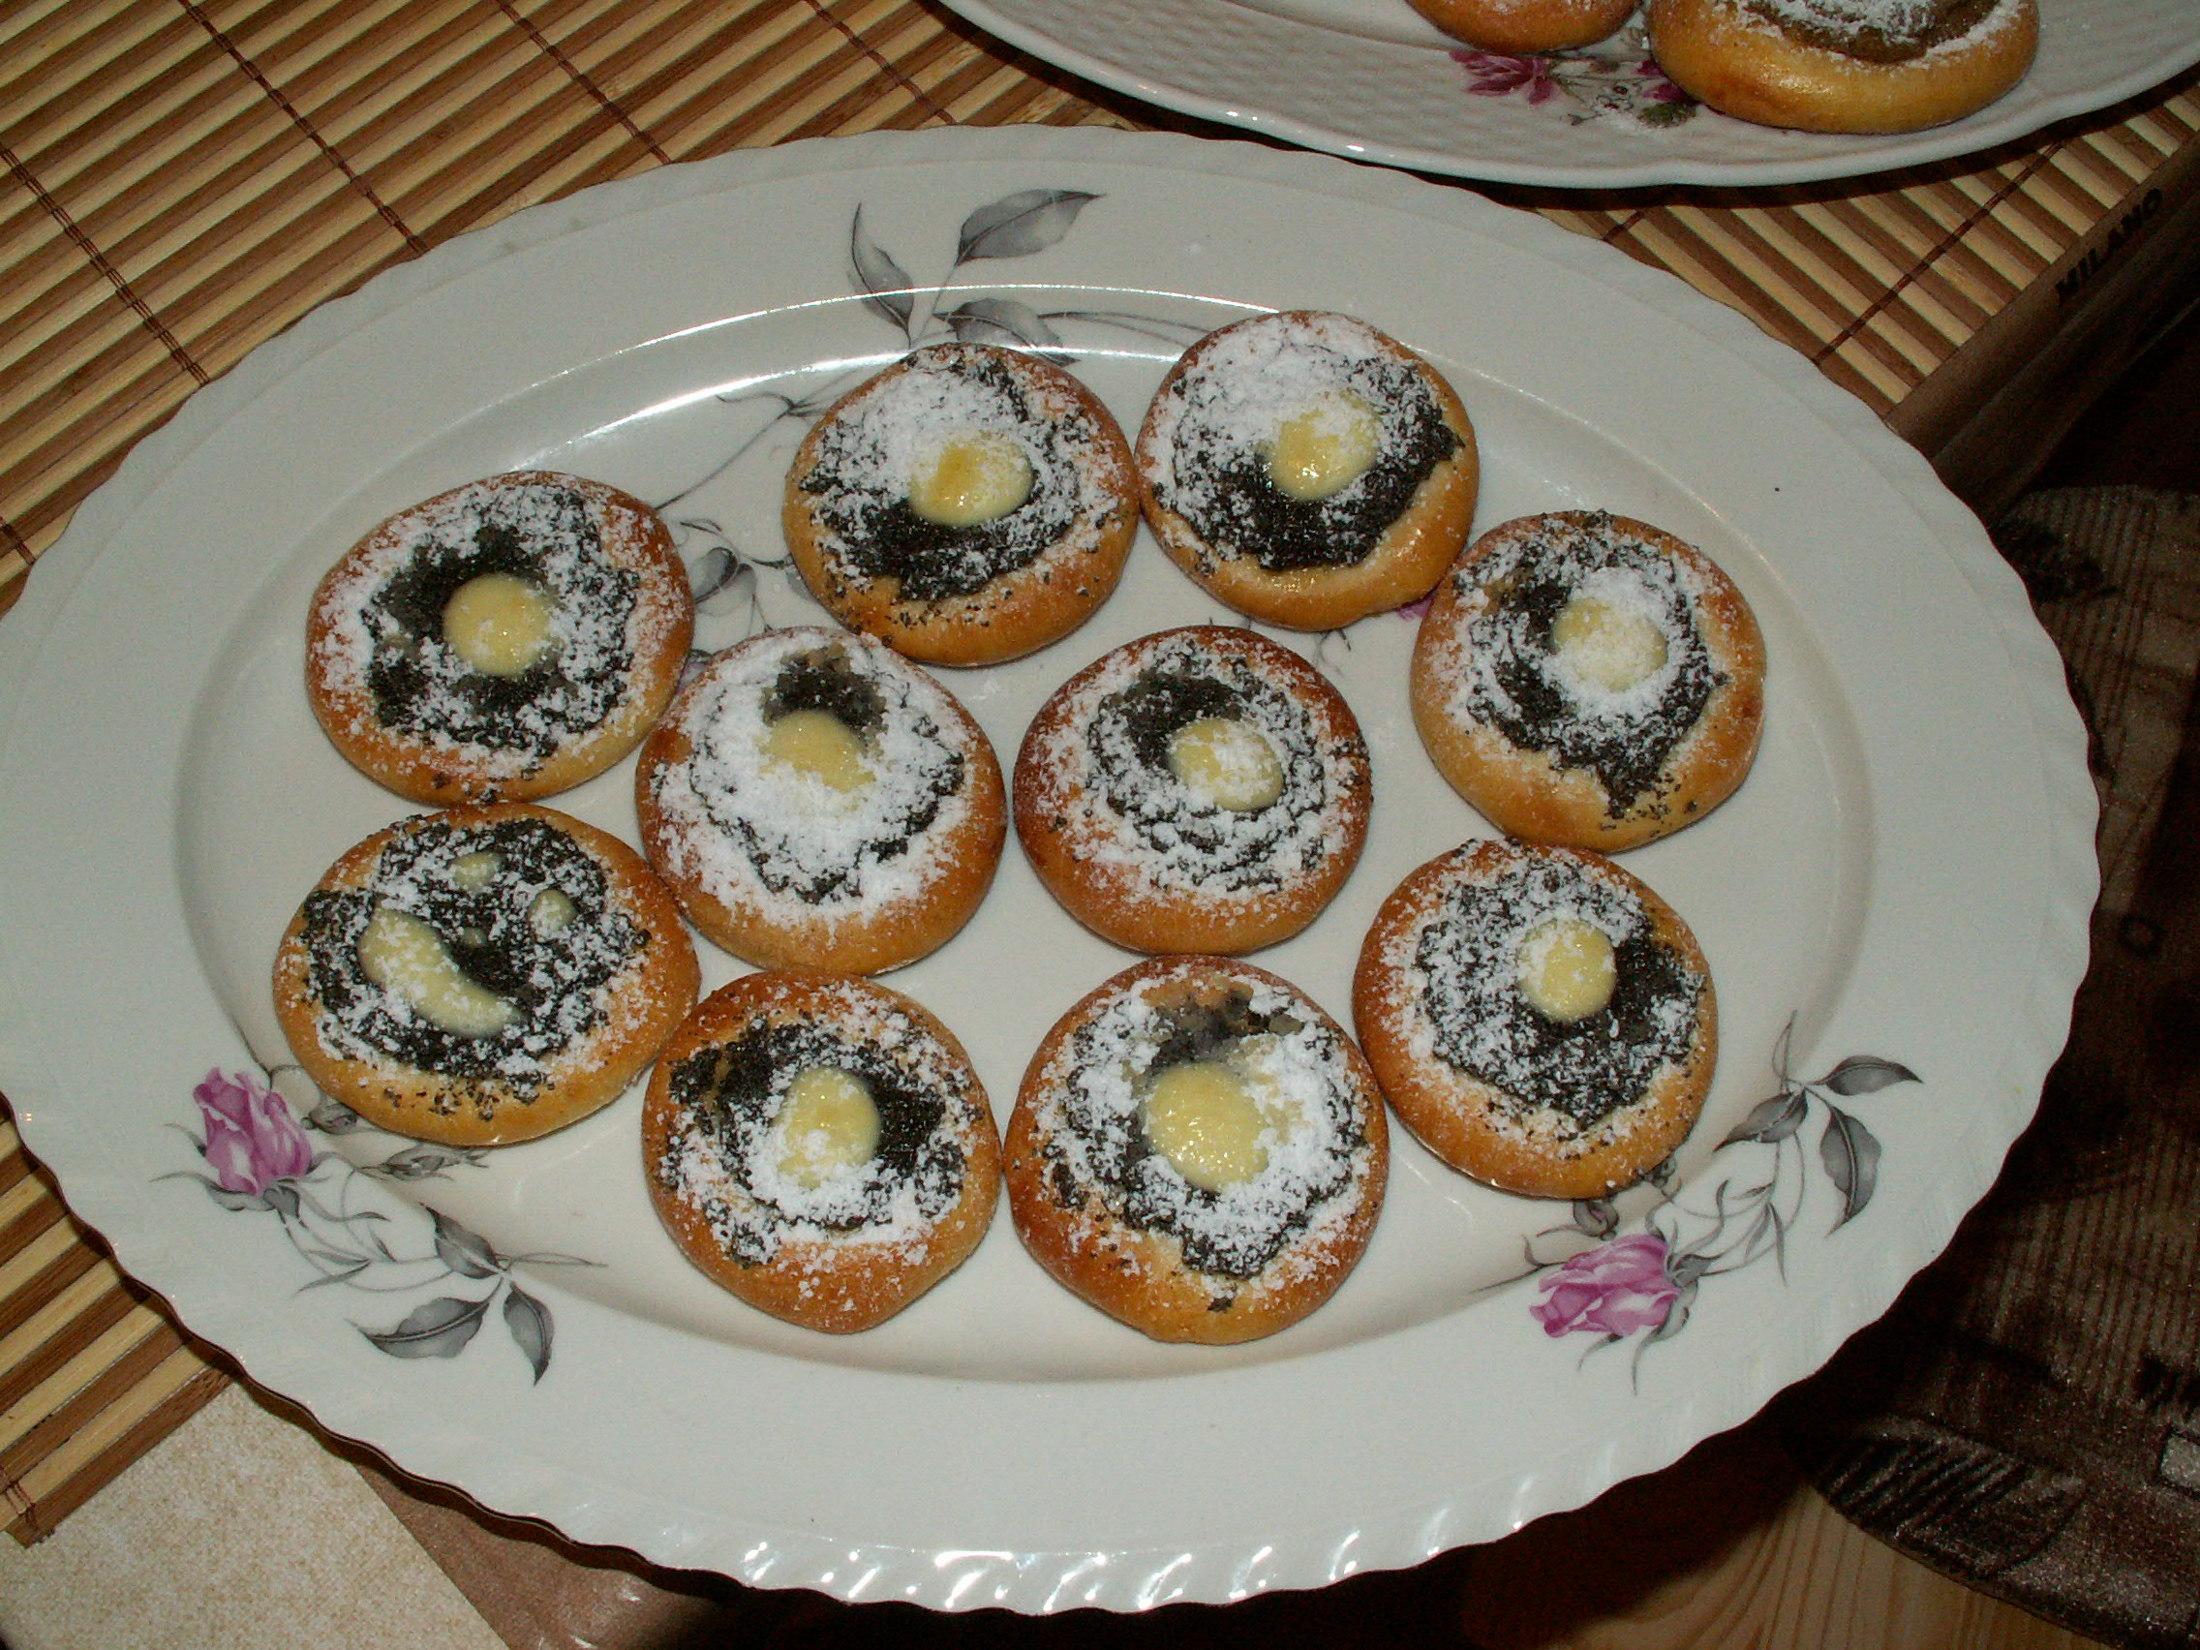 Recept Pouťové koláče - Koláčky jsem vyzkoušela, ale místo drobenky jsem je posypala moučkovým cukrem. Varianta maková.